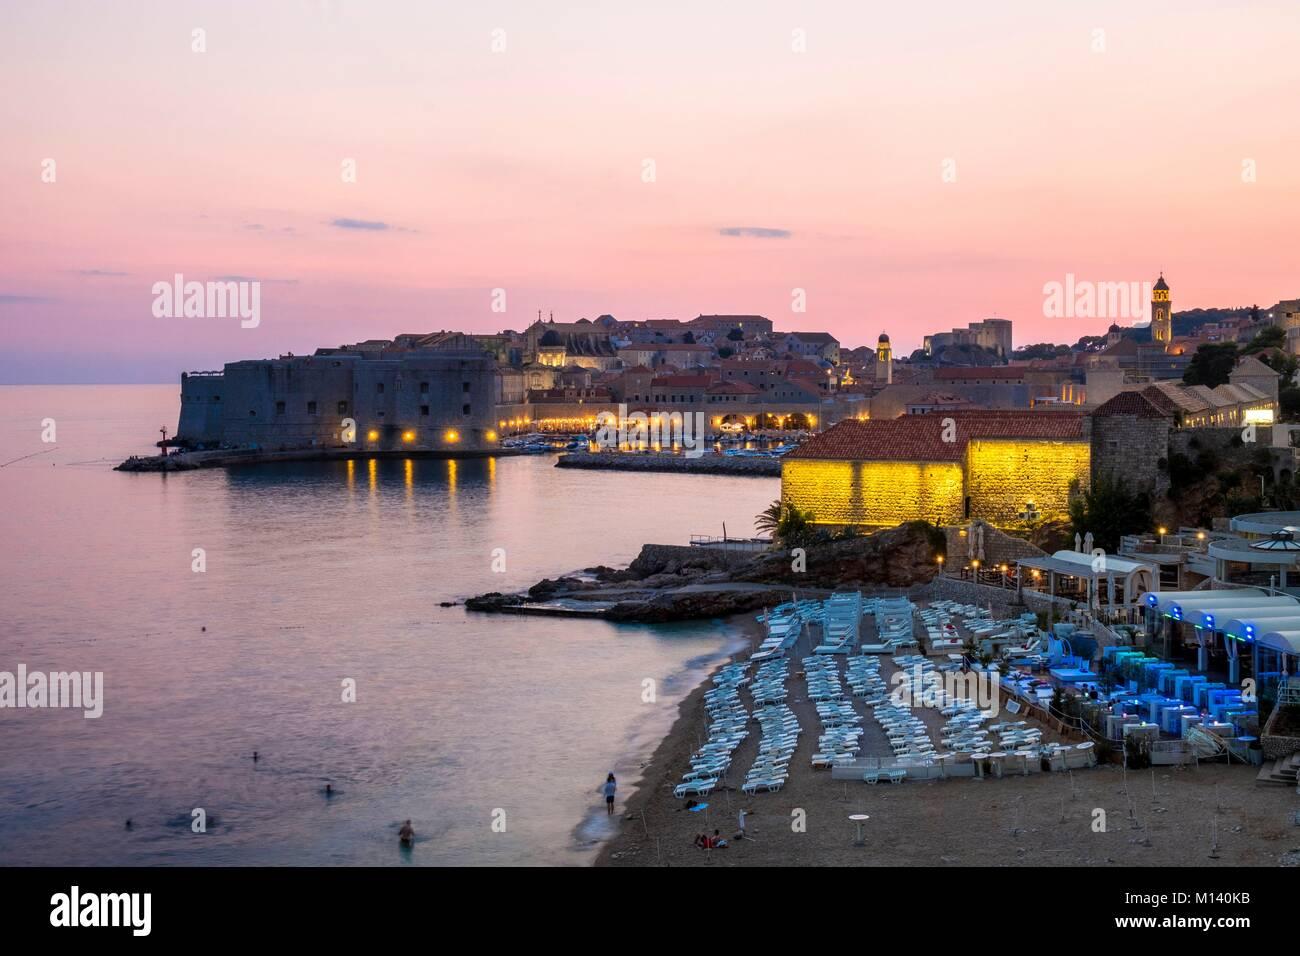 Kroatien, Kvarner, Dalmatinische Küste, Dubrovnik, Altstadt UNESCO Weltkulturerbe, der Alte Hafen Stockbild